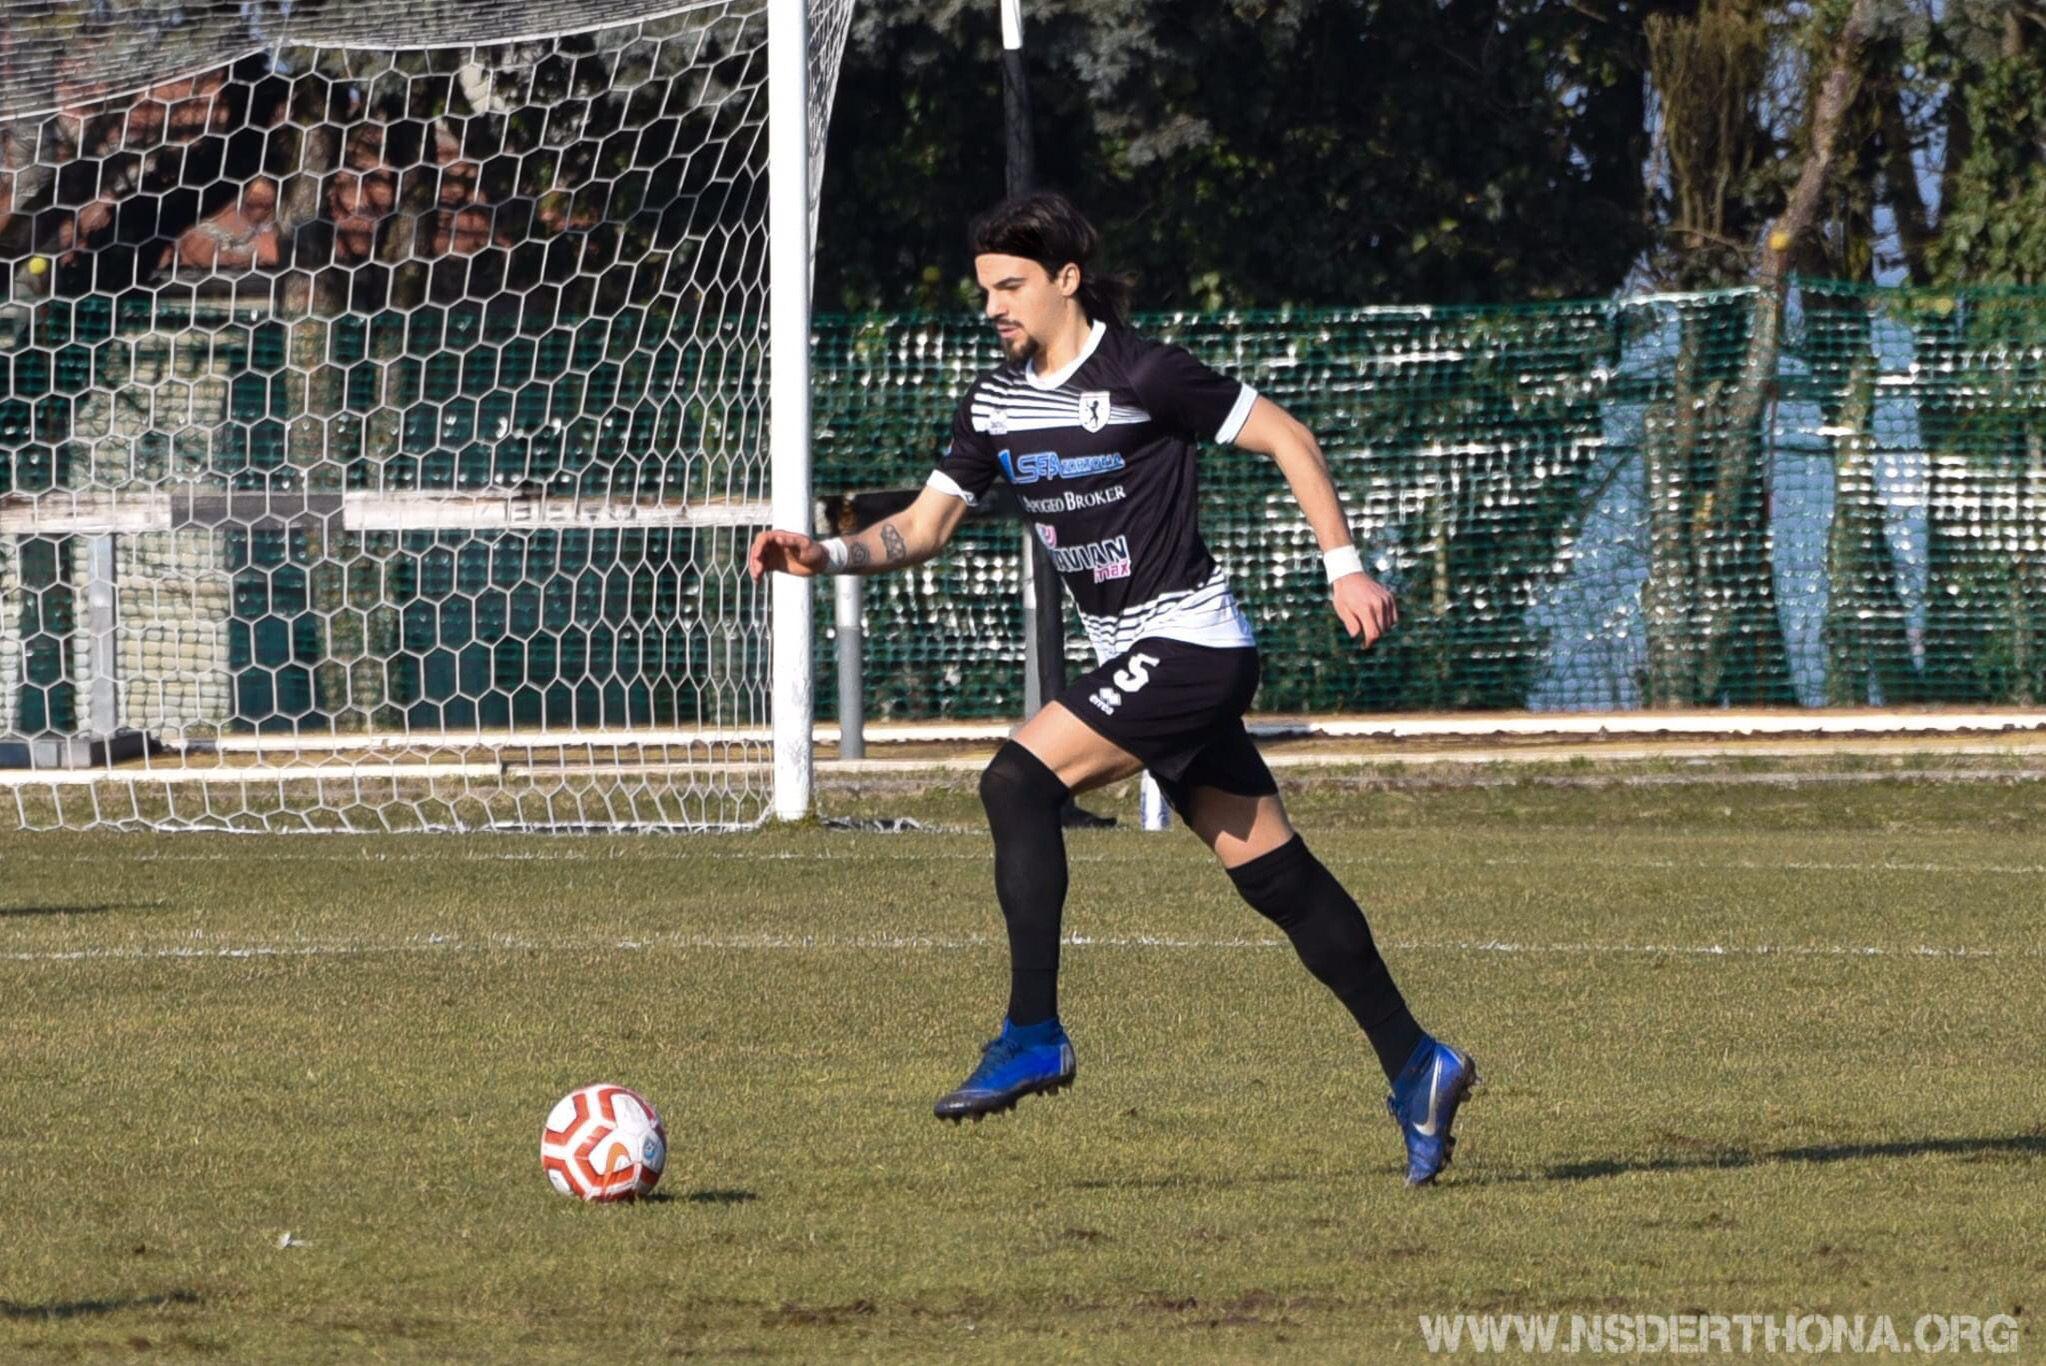 El central y lateral izquierdo Nicolo Tordini se incorpora a Panda Sports cuenta con más de 60 partidos en Serie D y 30 de Lega Pro